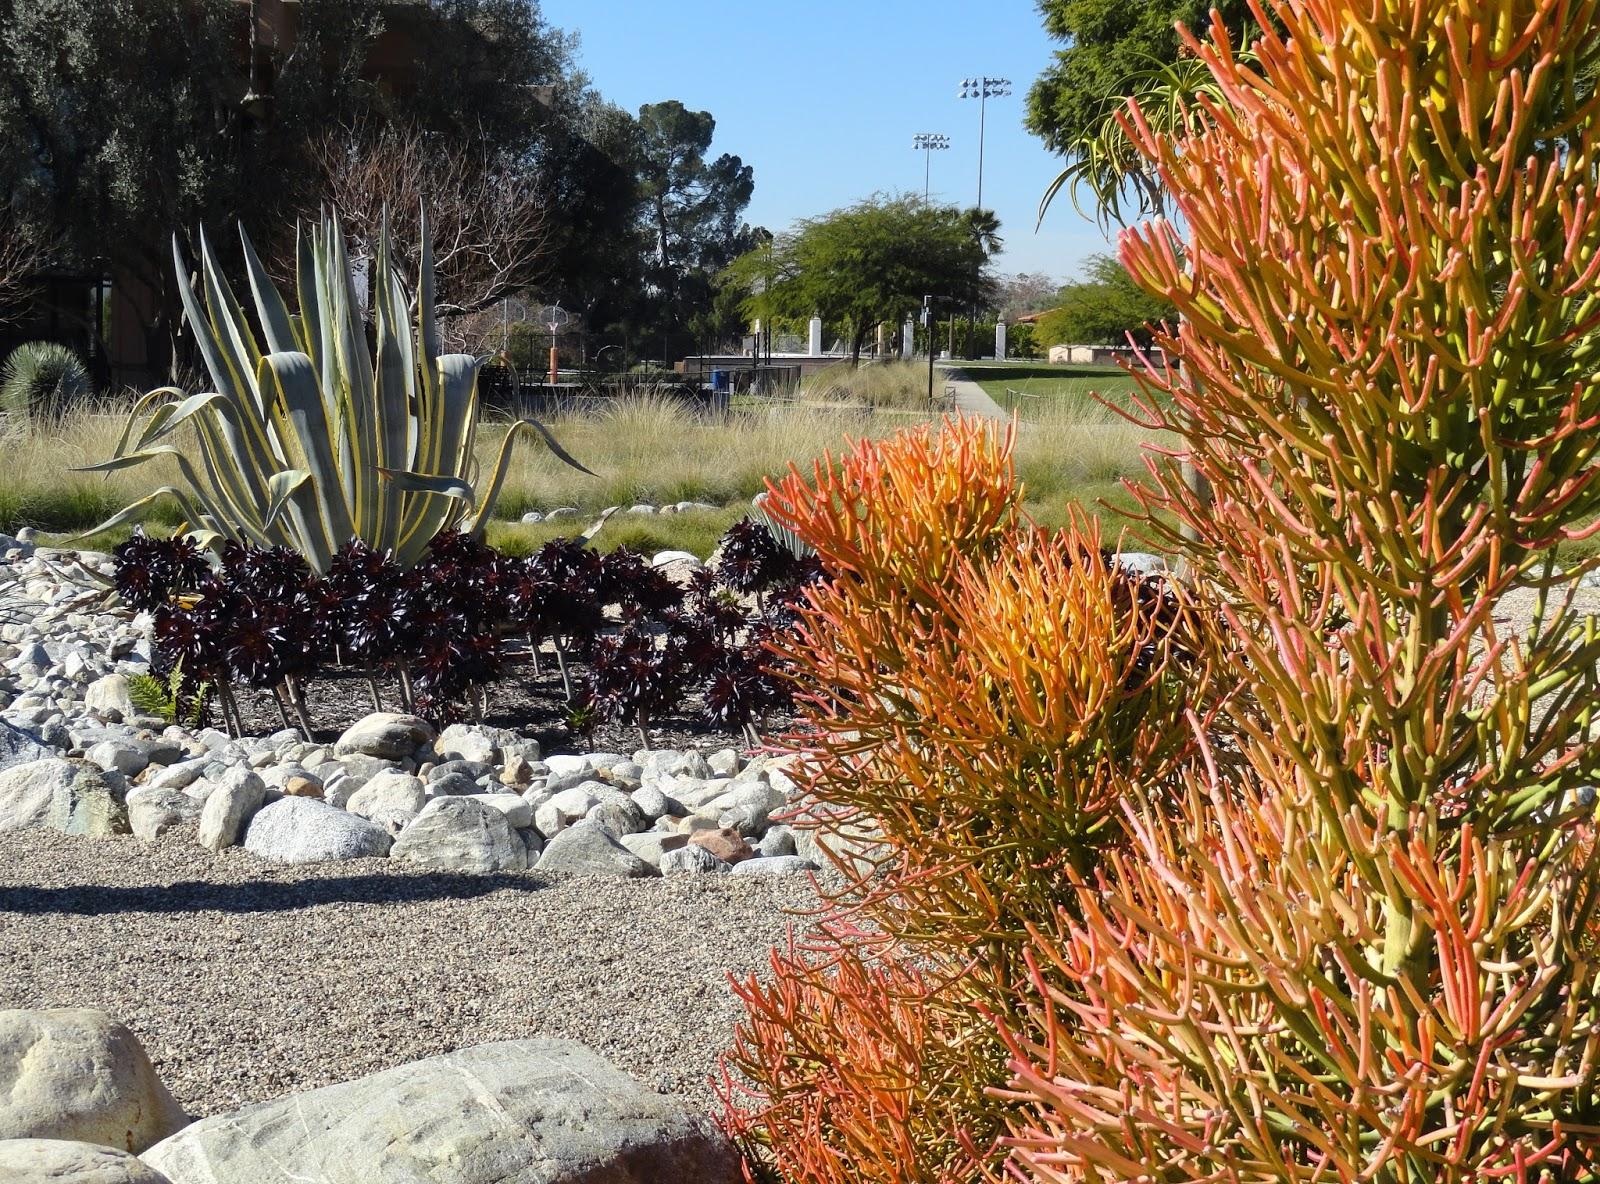 danger garden: Walking the Pitzer College Campus, part one...